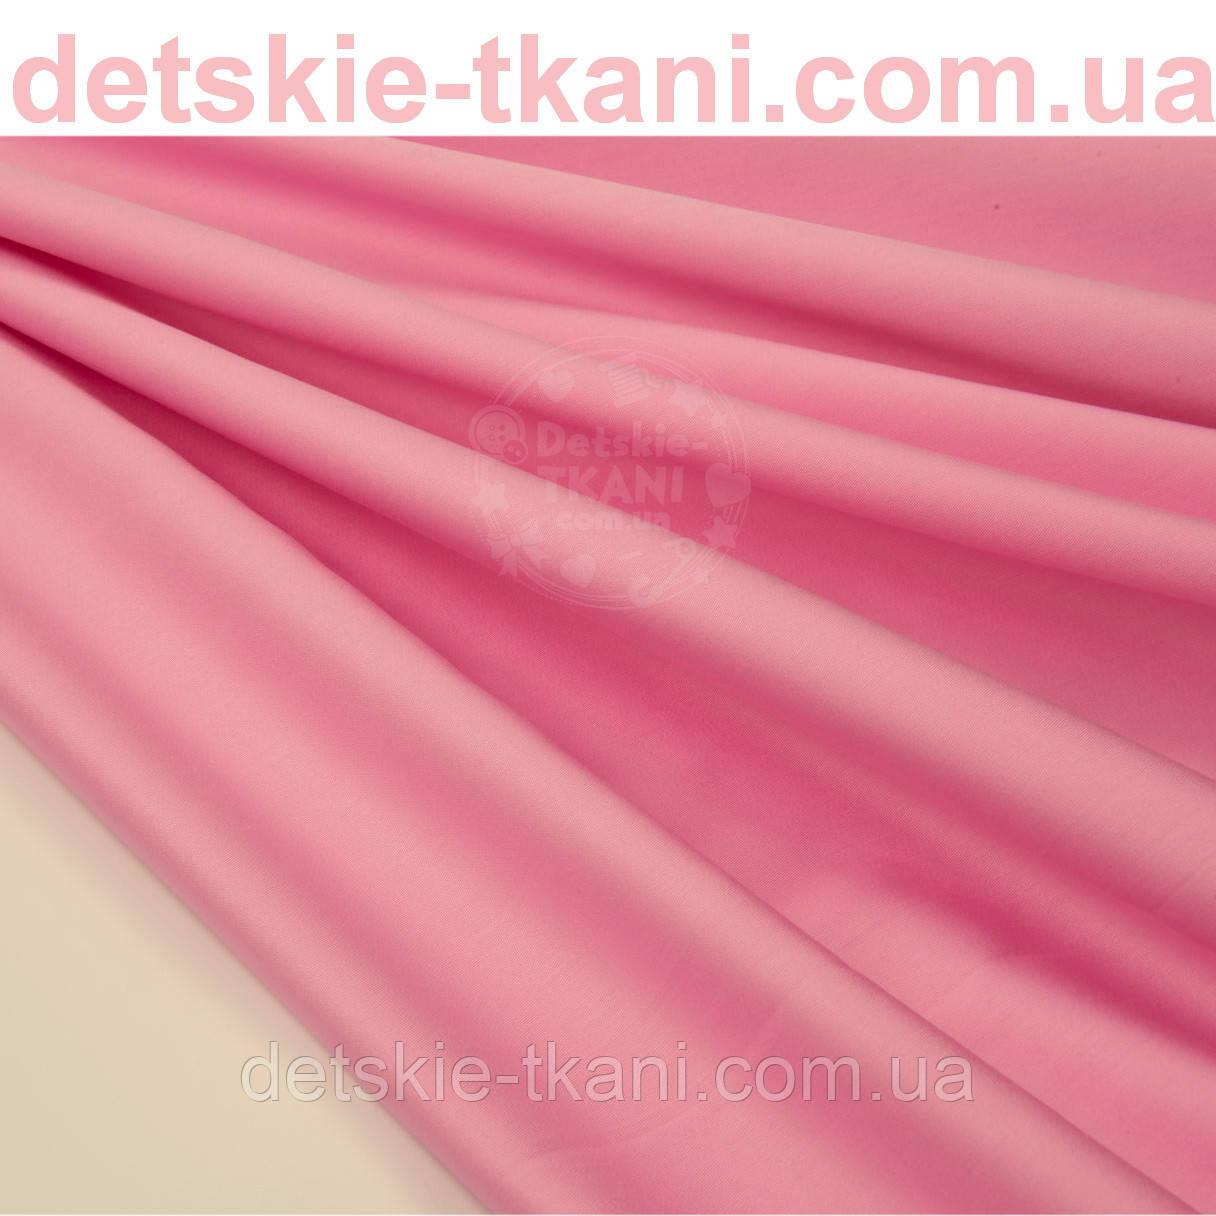 Лоскут сатина премиум ярко-розового цвета №1073-10